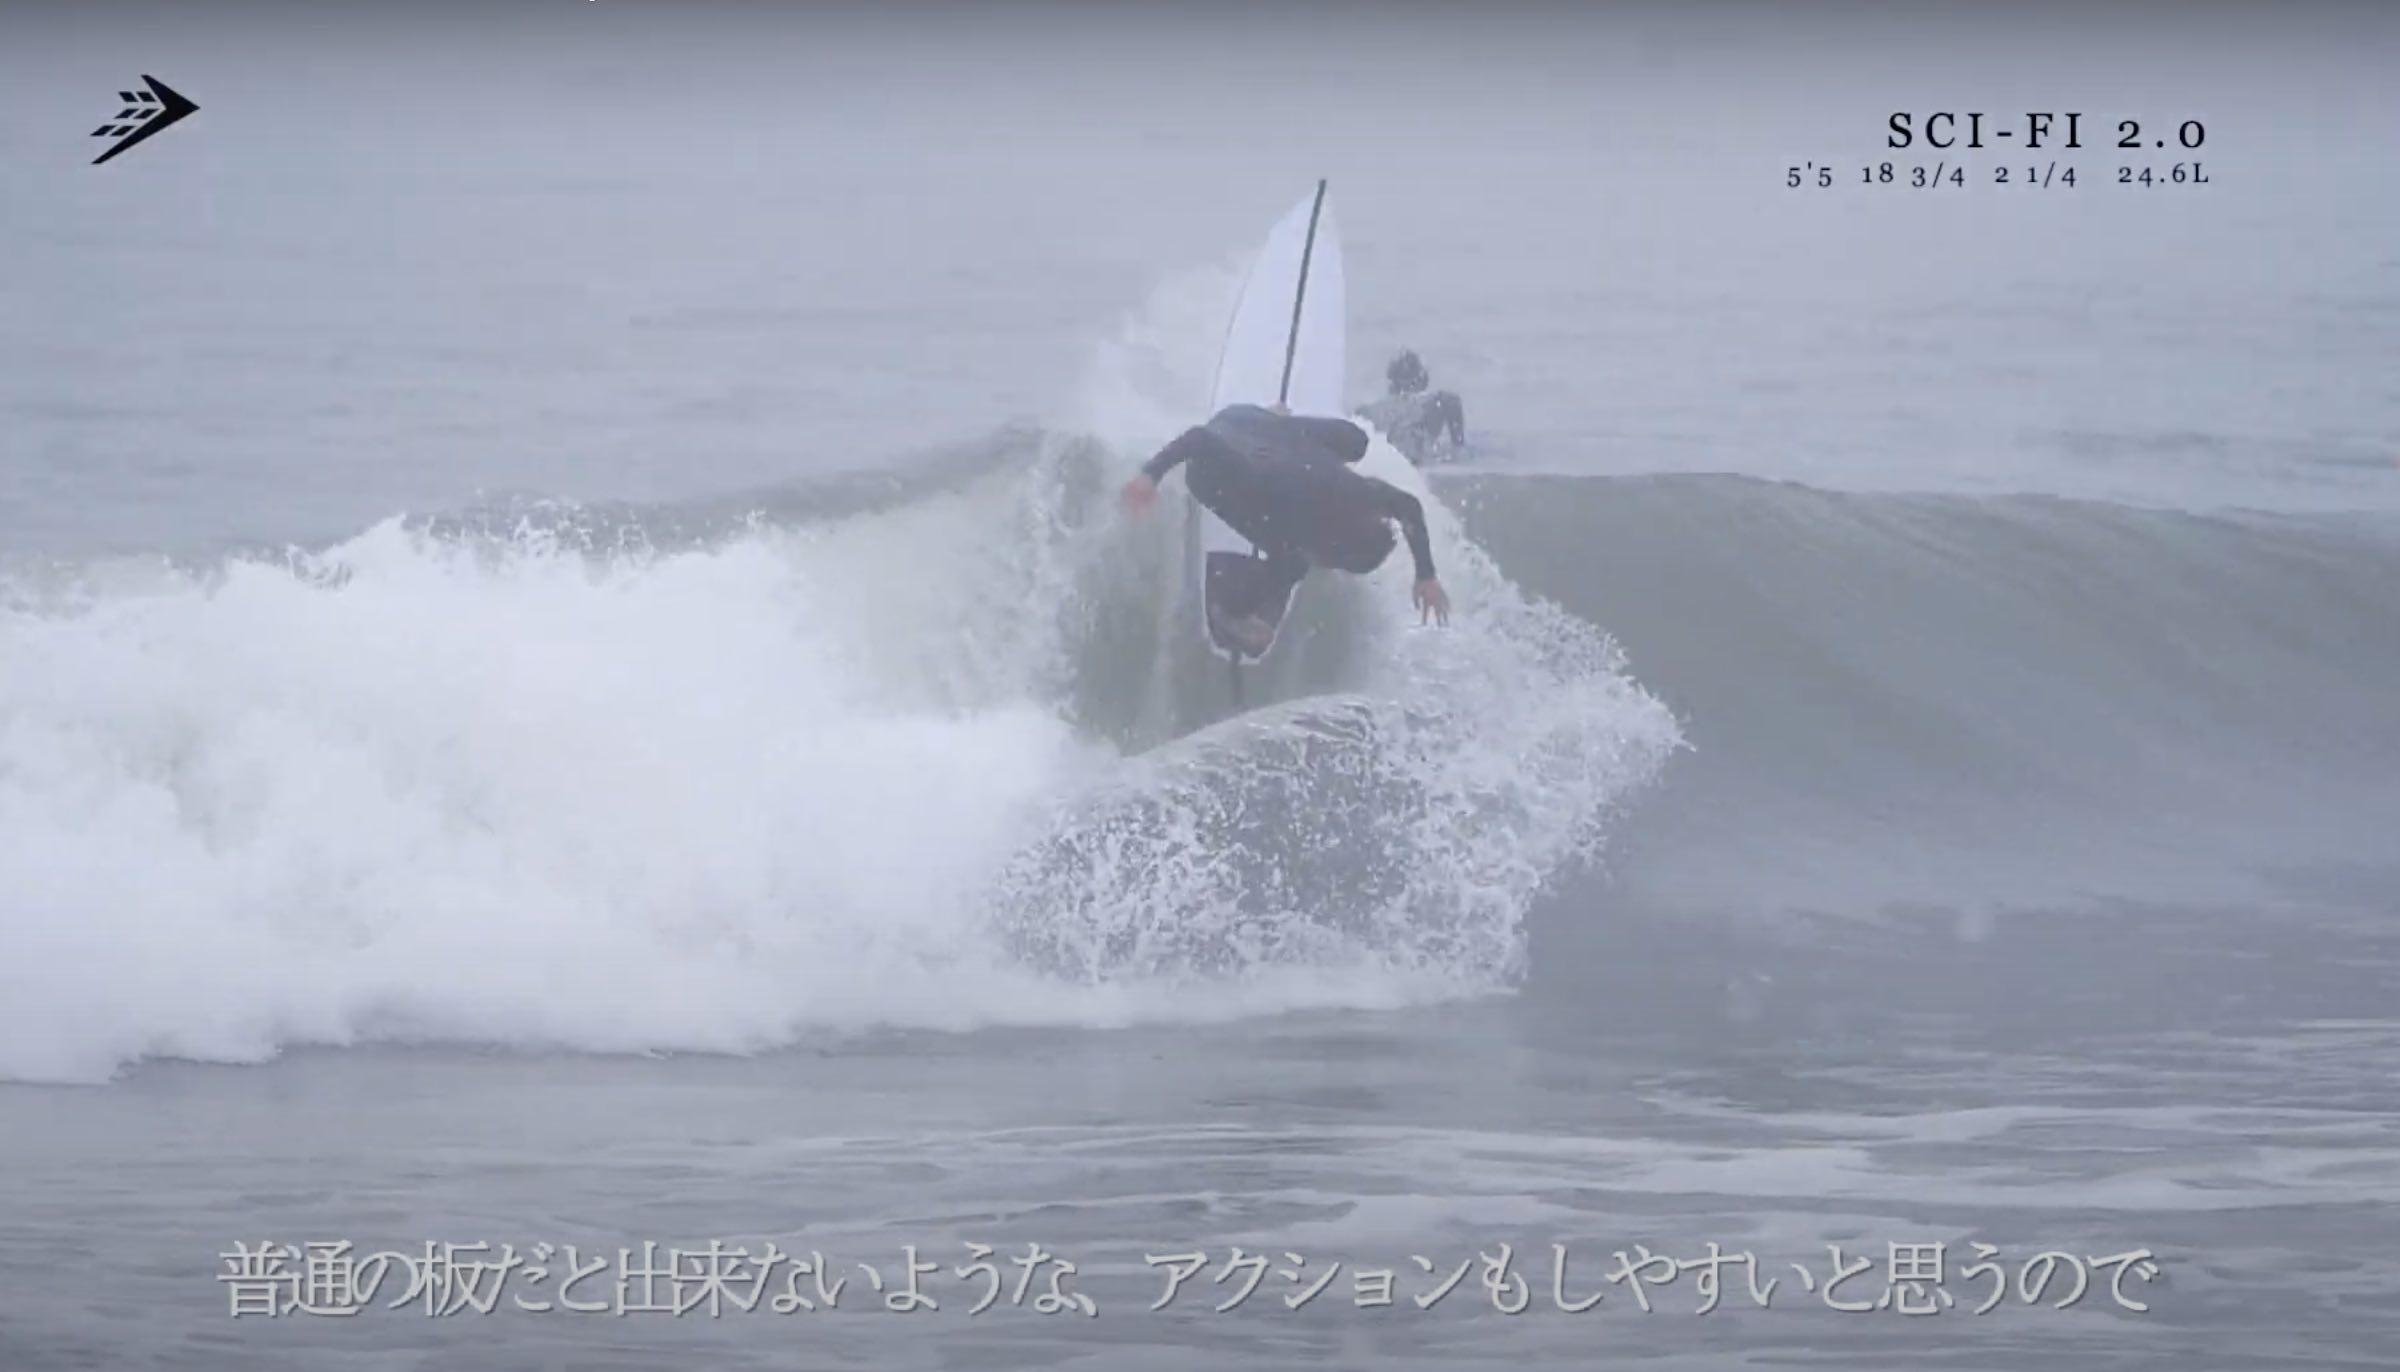 """【2020年注目の】FIREWIRE surfboards最新モデル""""SCI-FI 2.0″を笹子夏輝プロがテストライド&インプレッション!"""